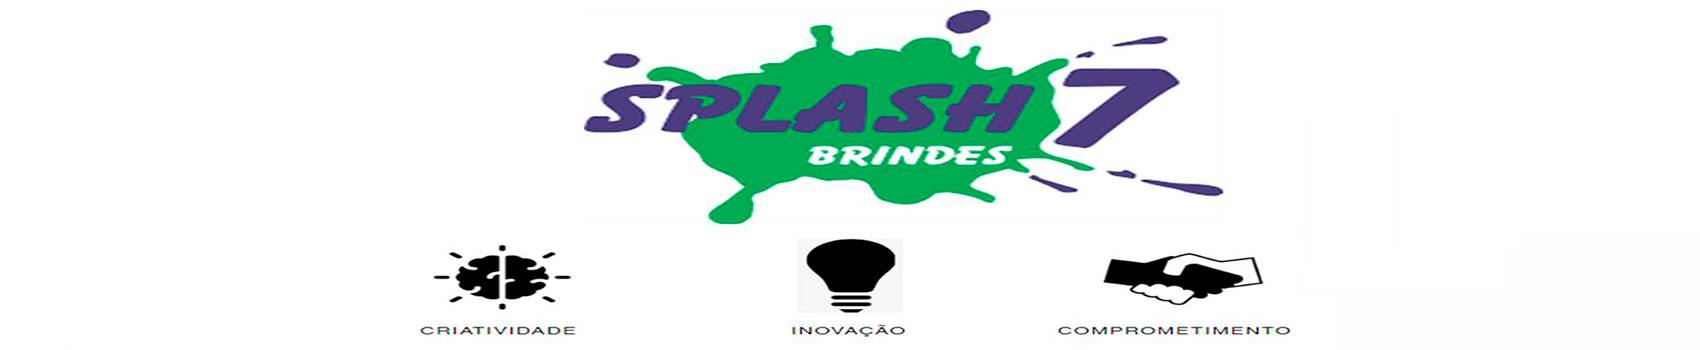 Splash7 Brindes